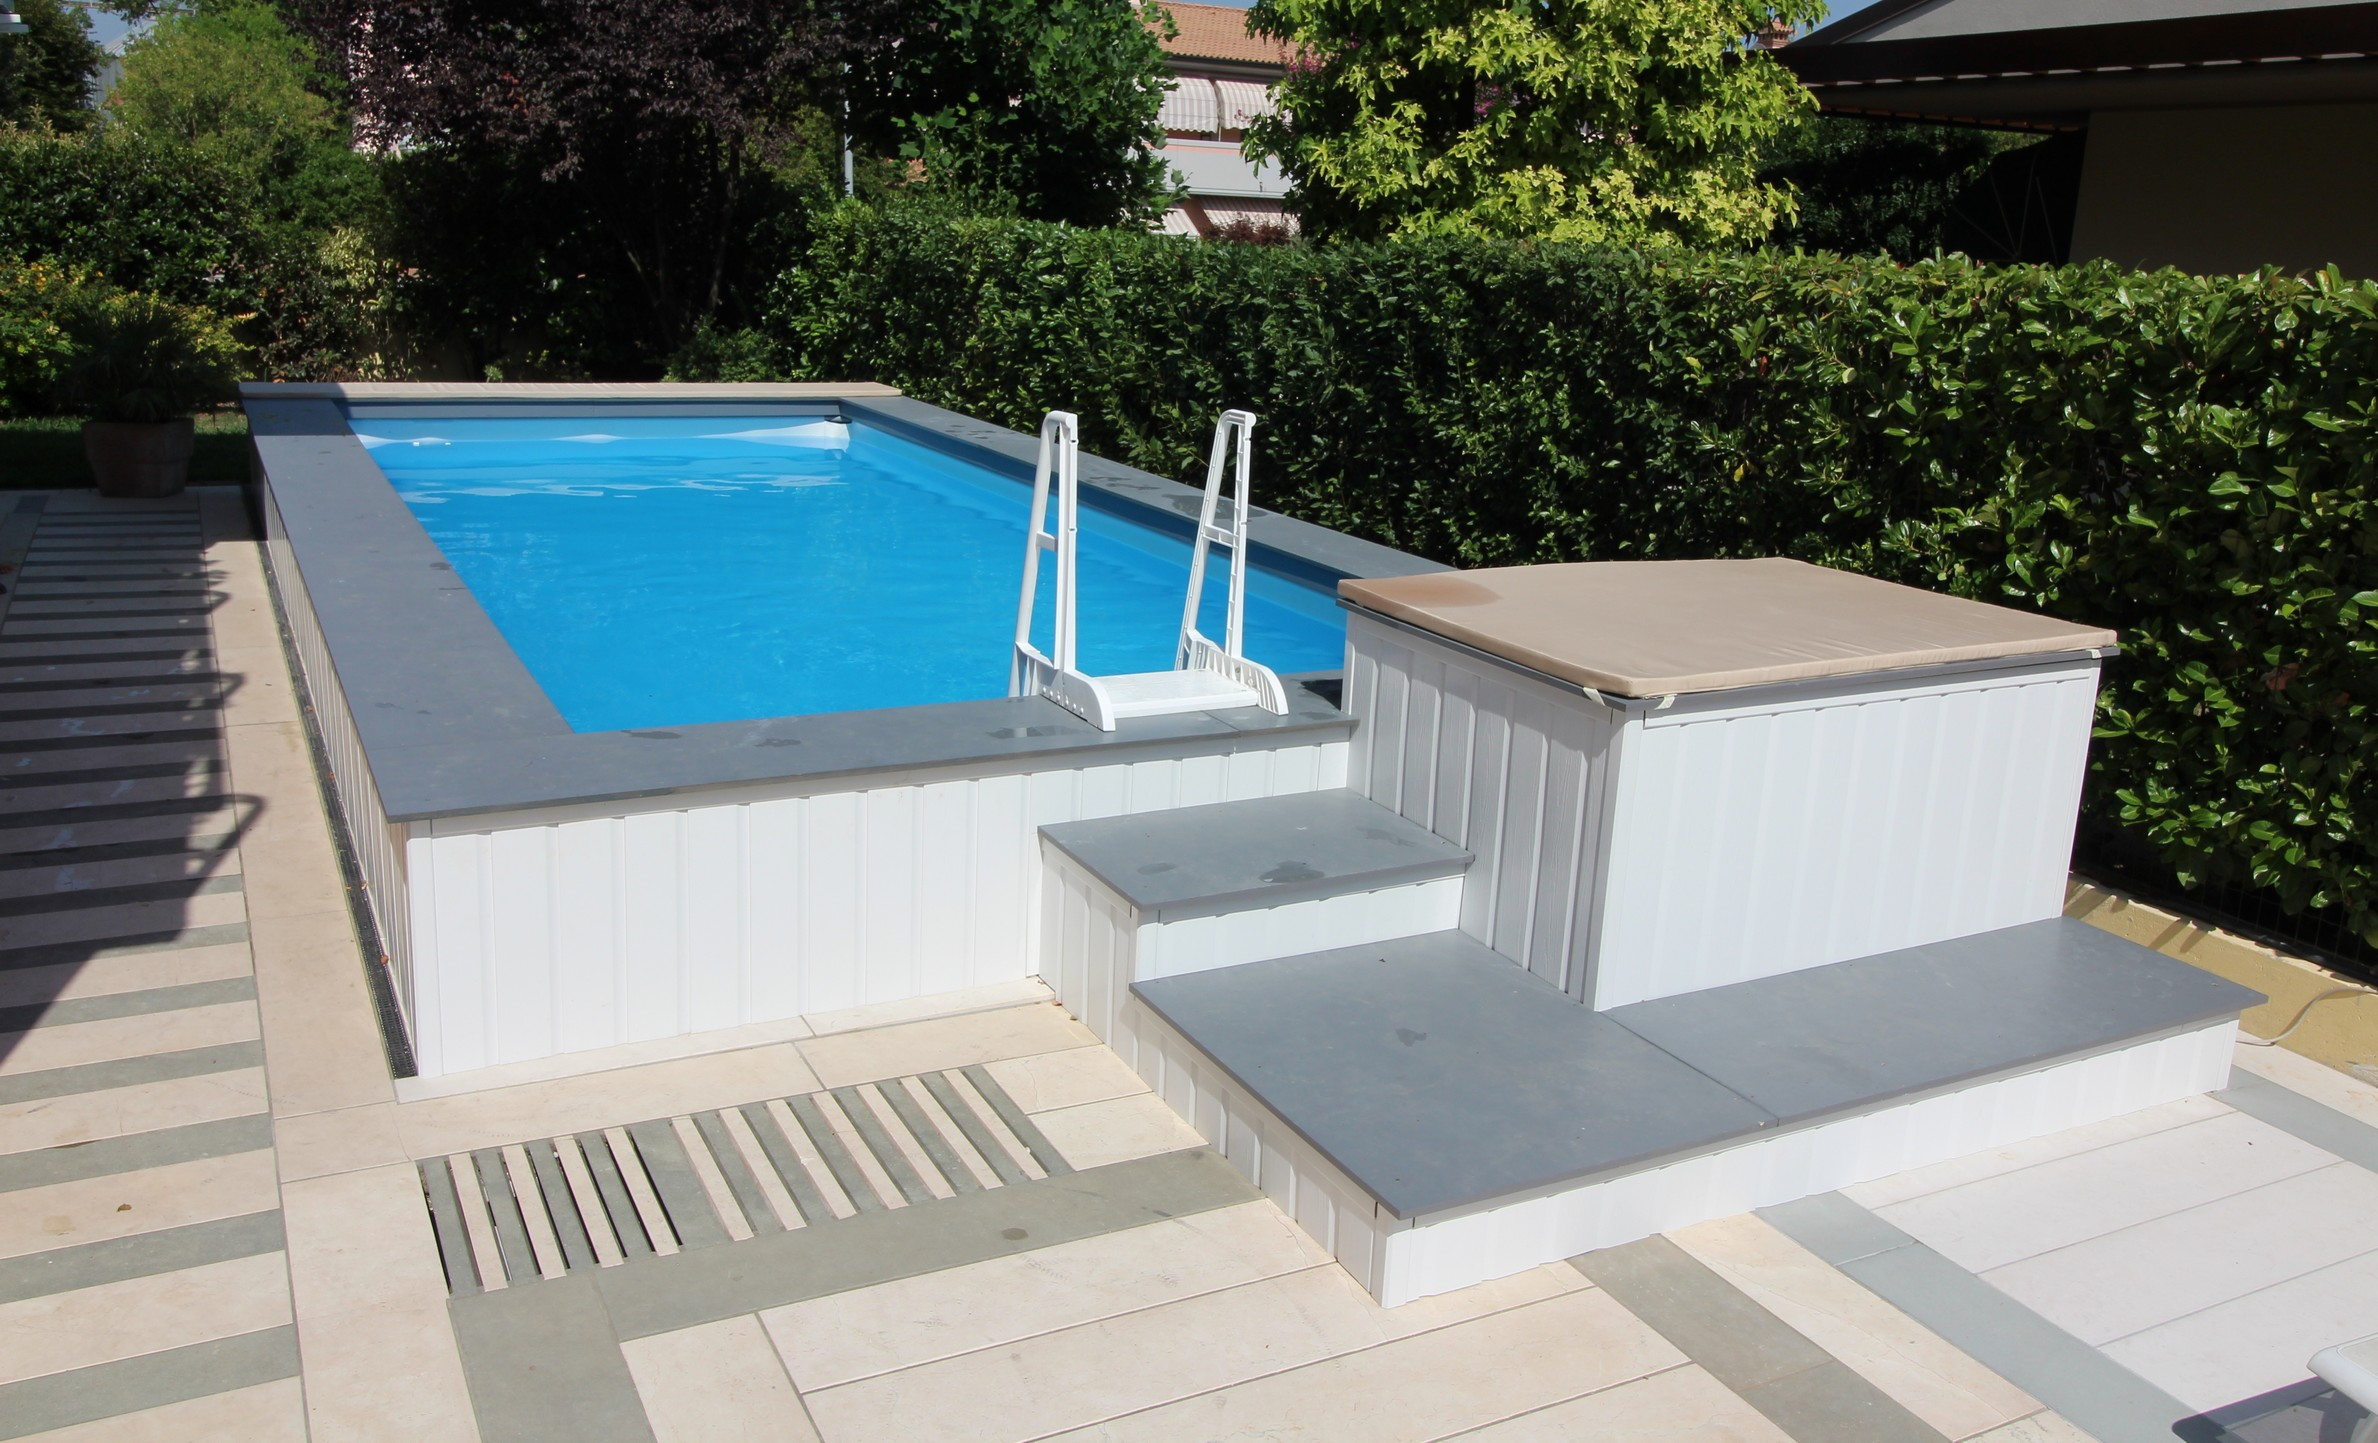 Piscine Da Esterno Rivestite In Legno piscina fuori terra seminterrata con gradinata rivestita in wpc